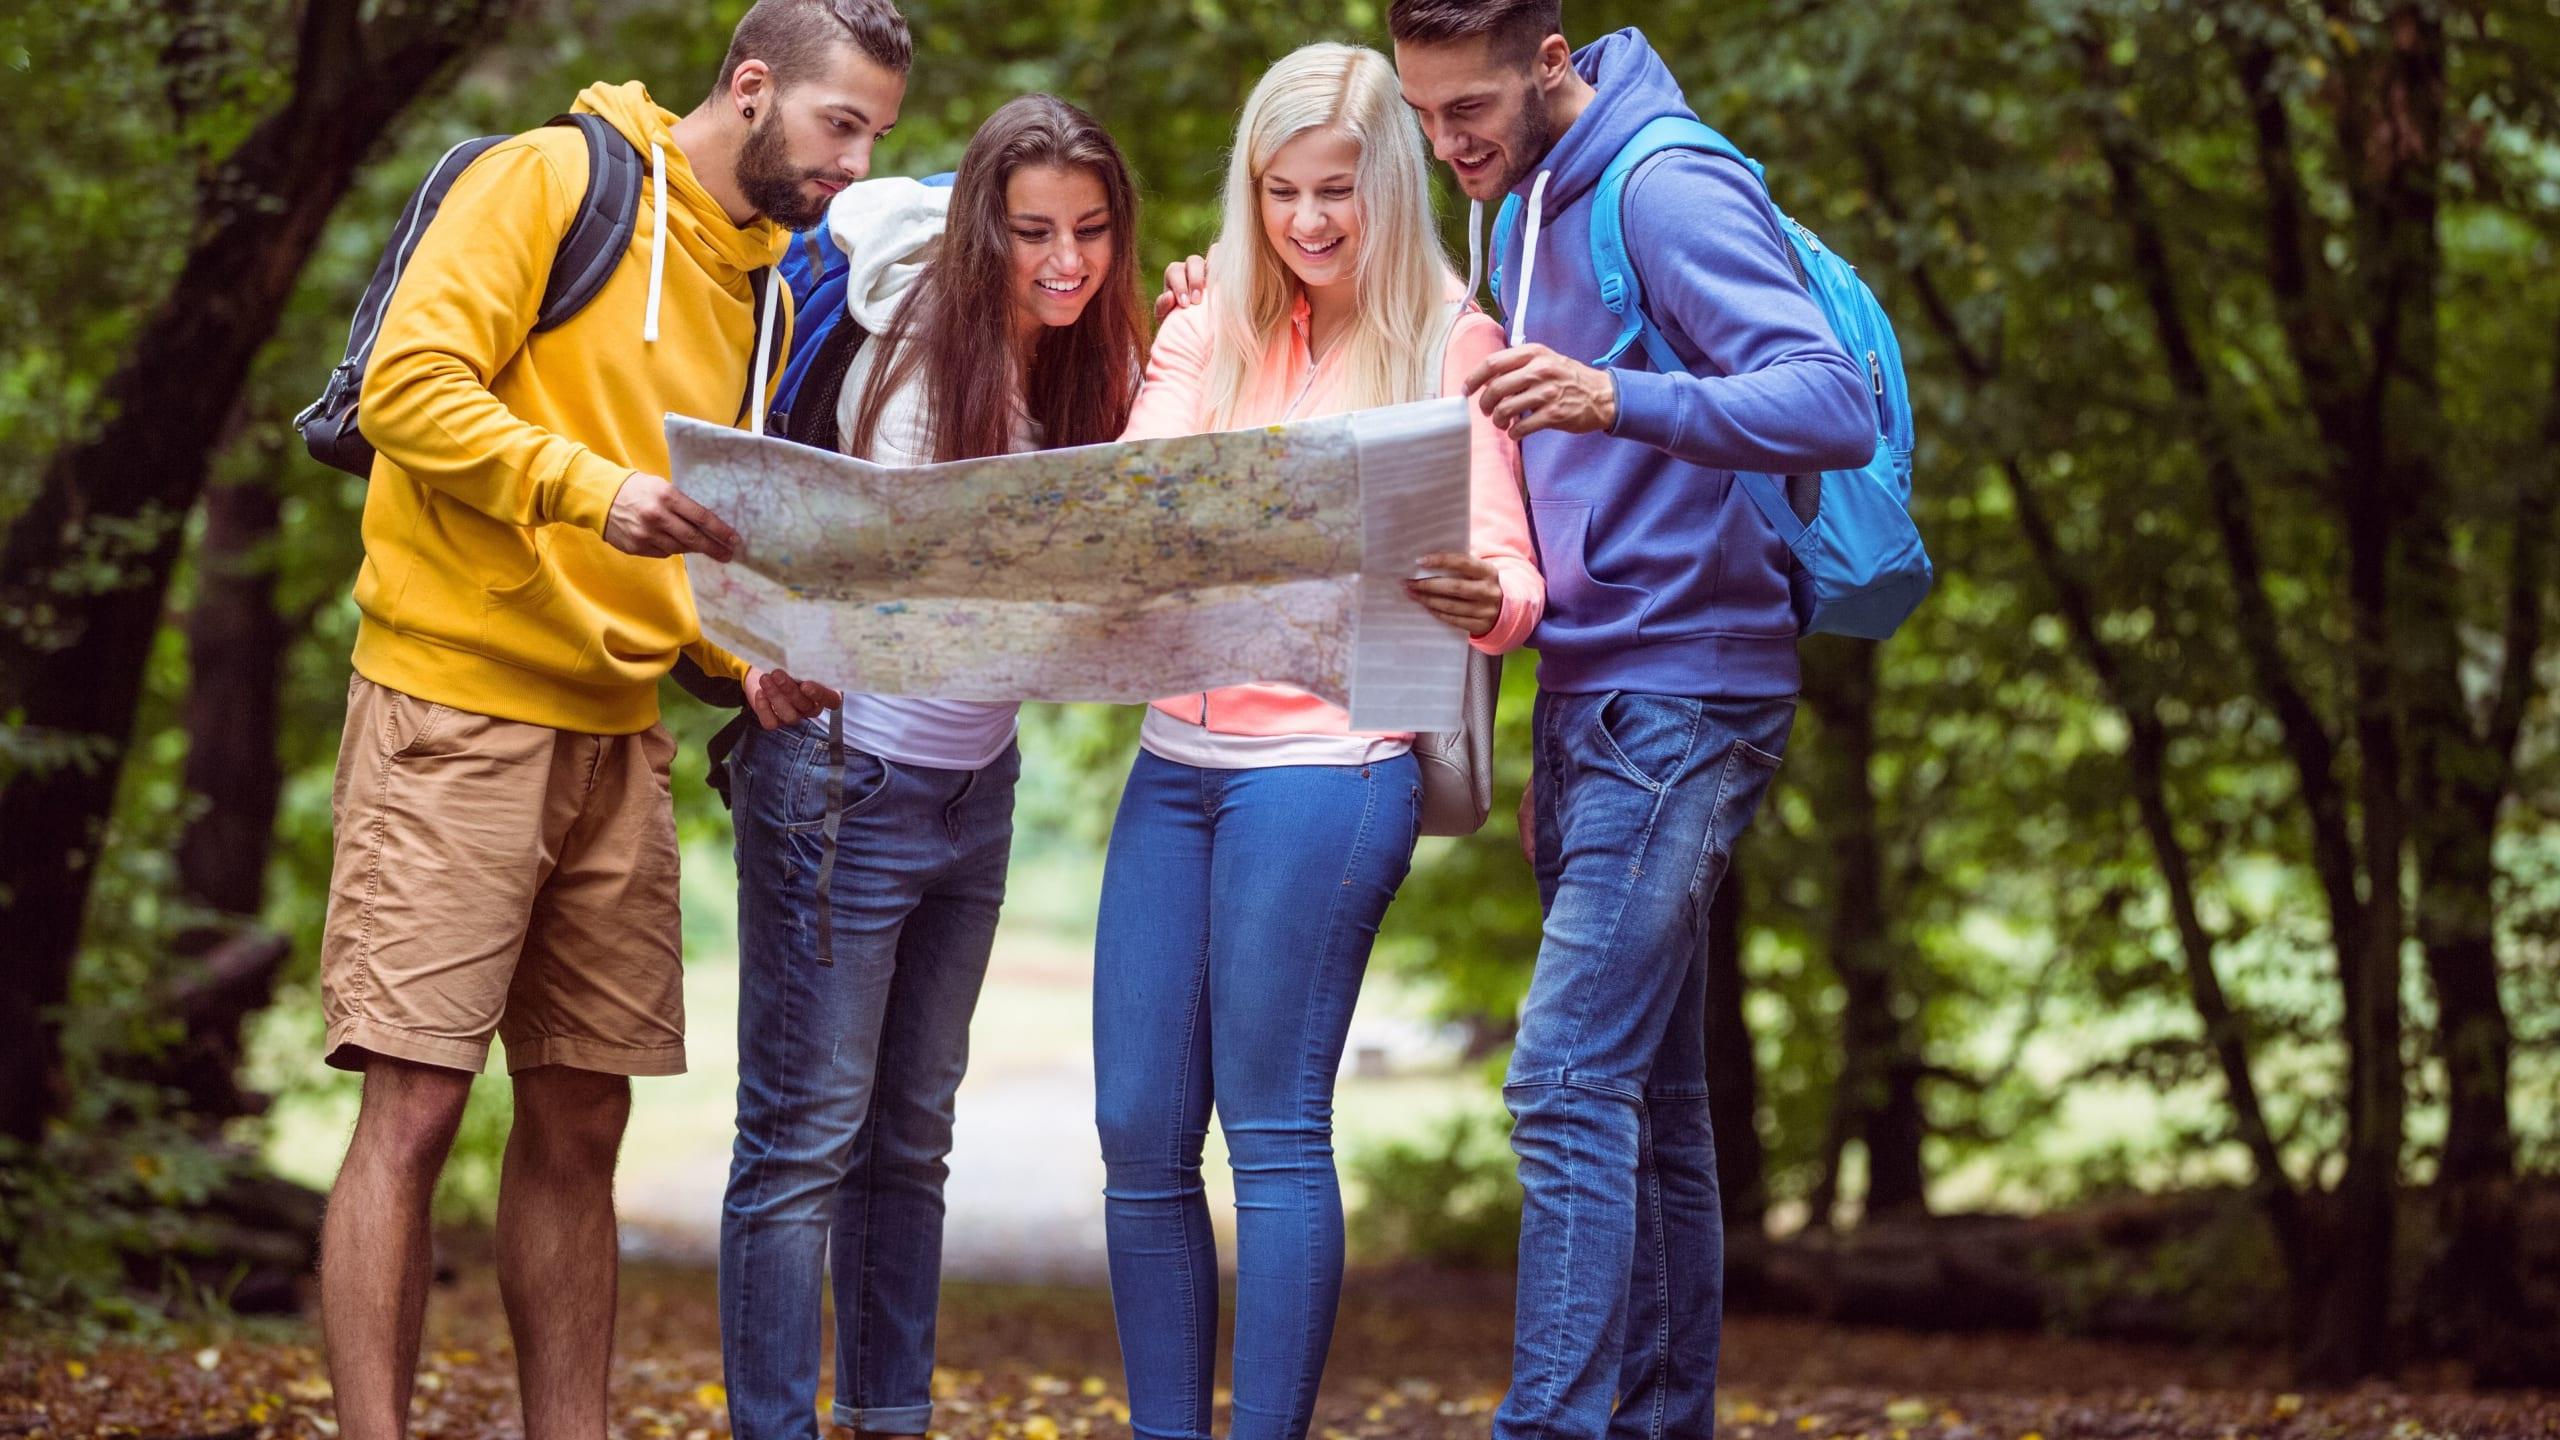 Groupe de personnes lisant une carte ensemble